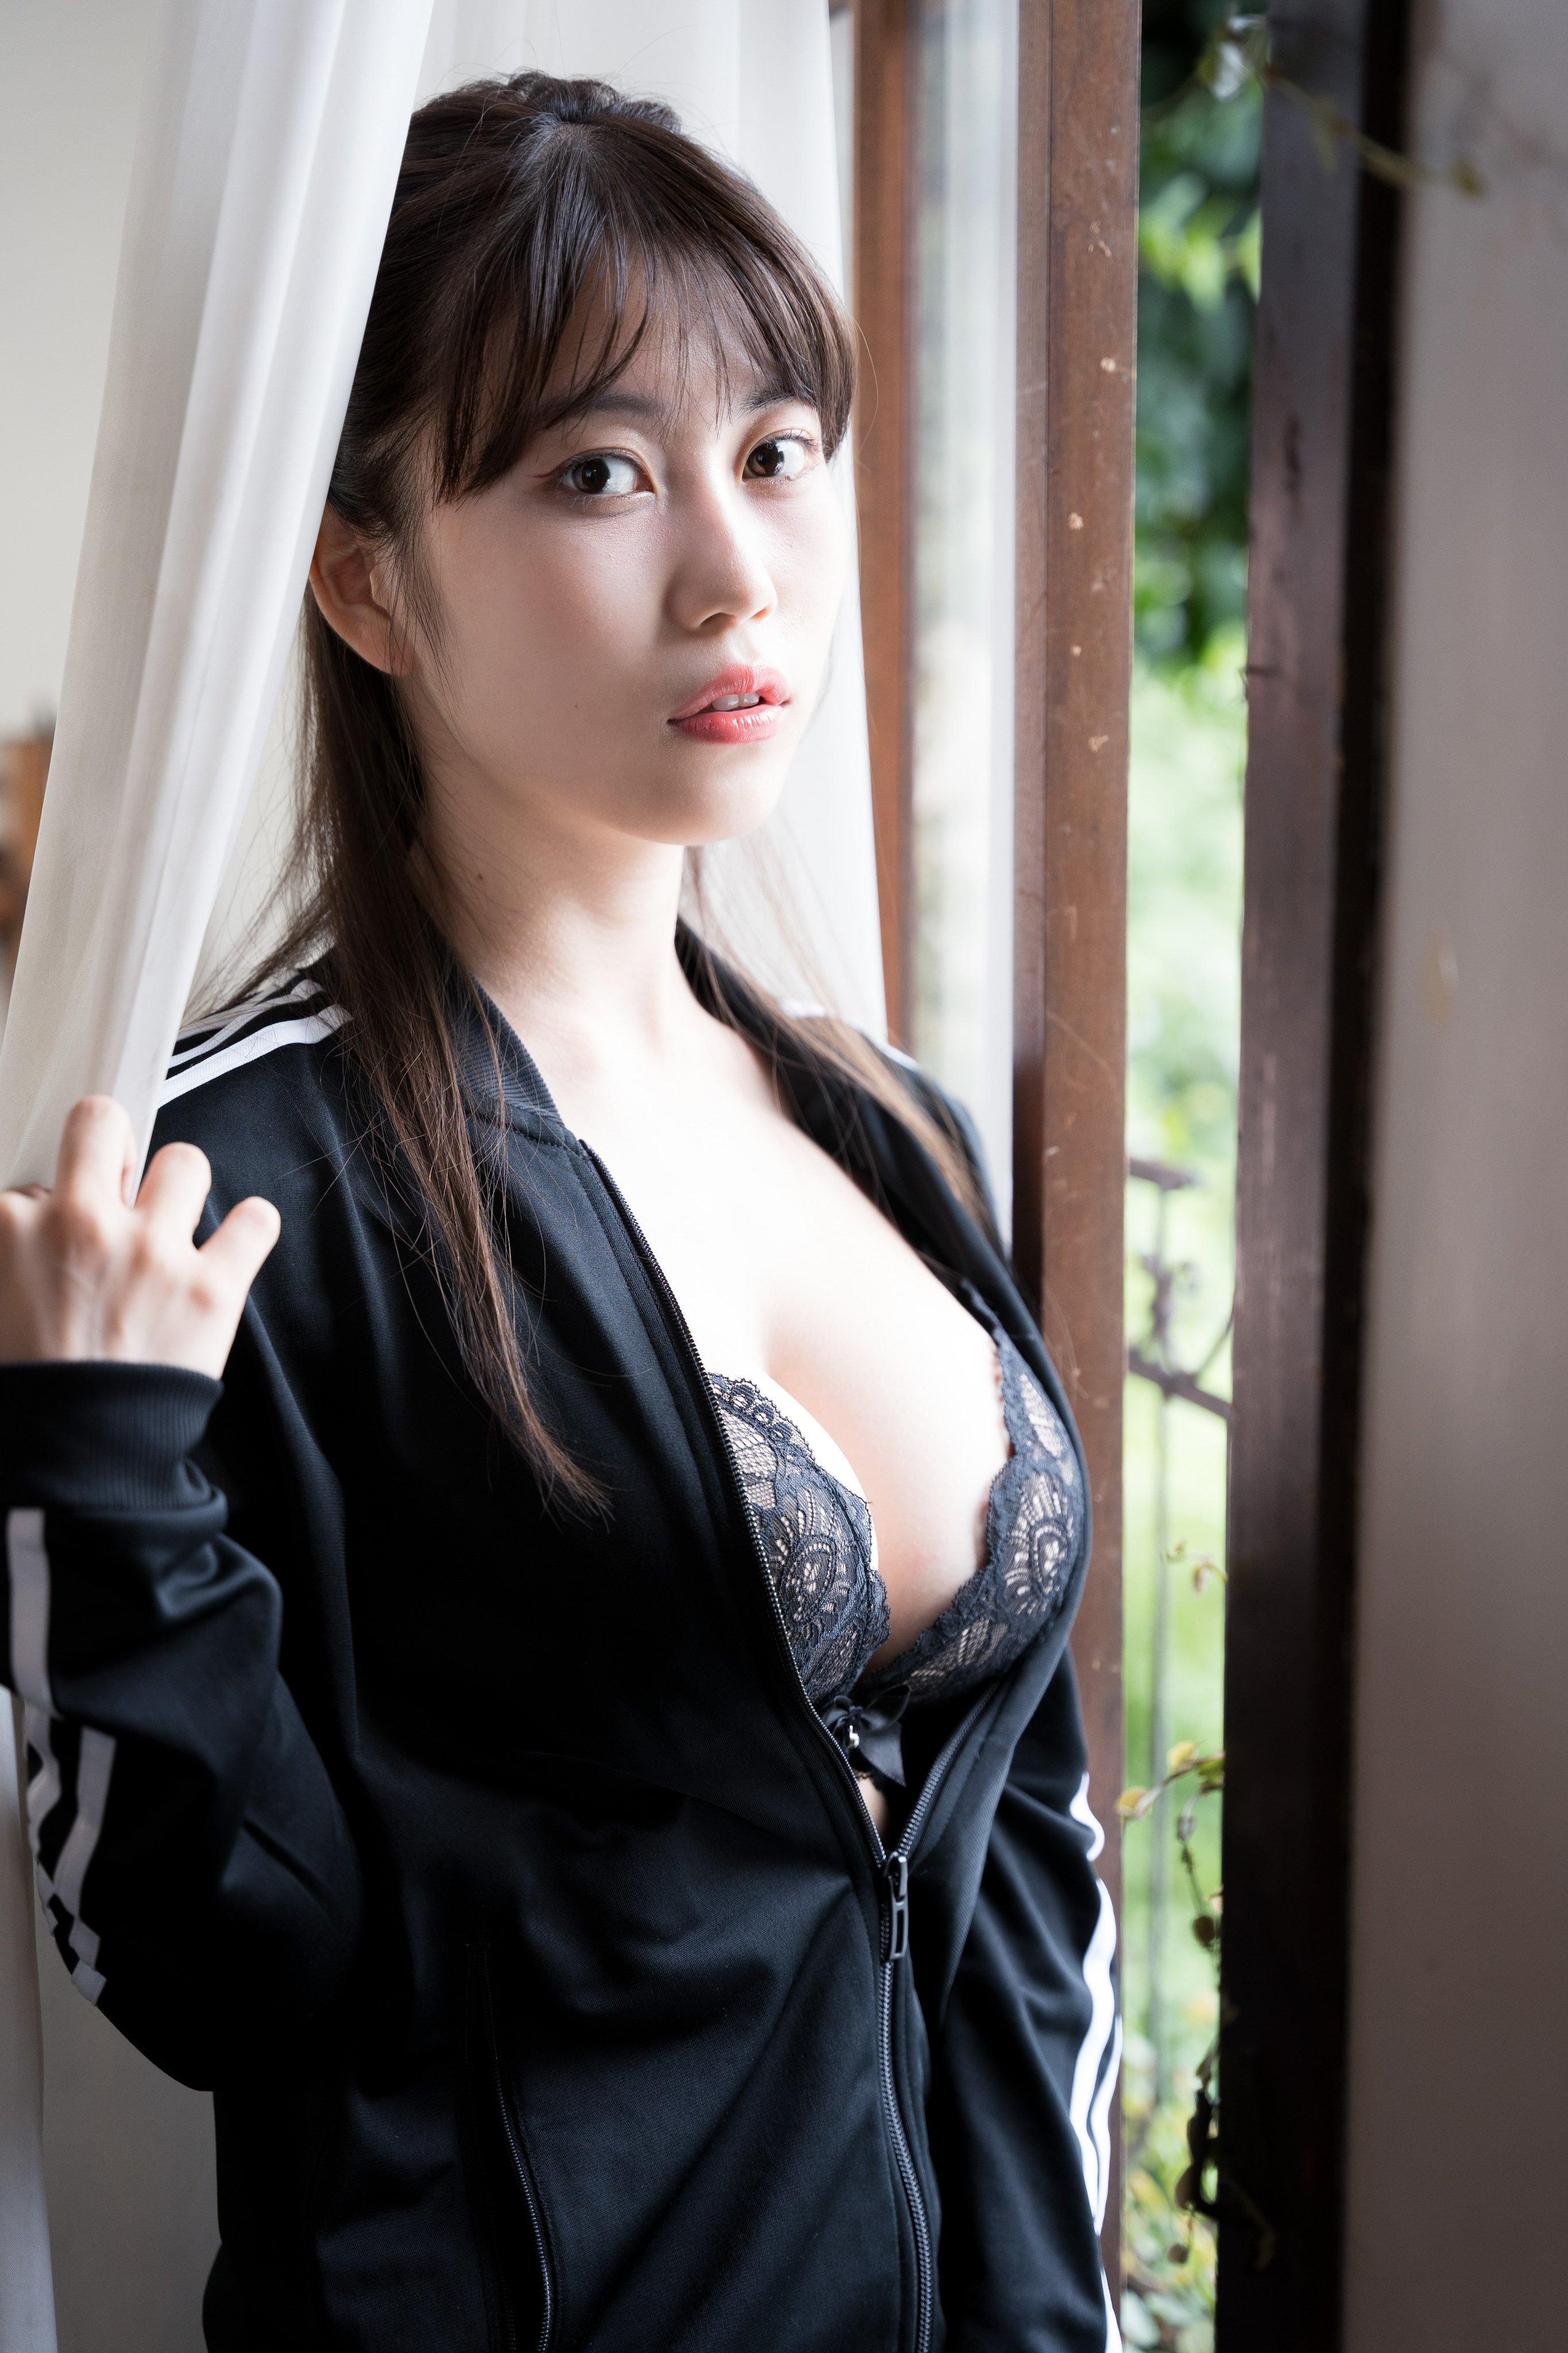 建筑系写真妹「伊织いお」,超狂饱满抢镜,难怪是写真超新星啊!-新图包